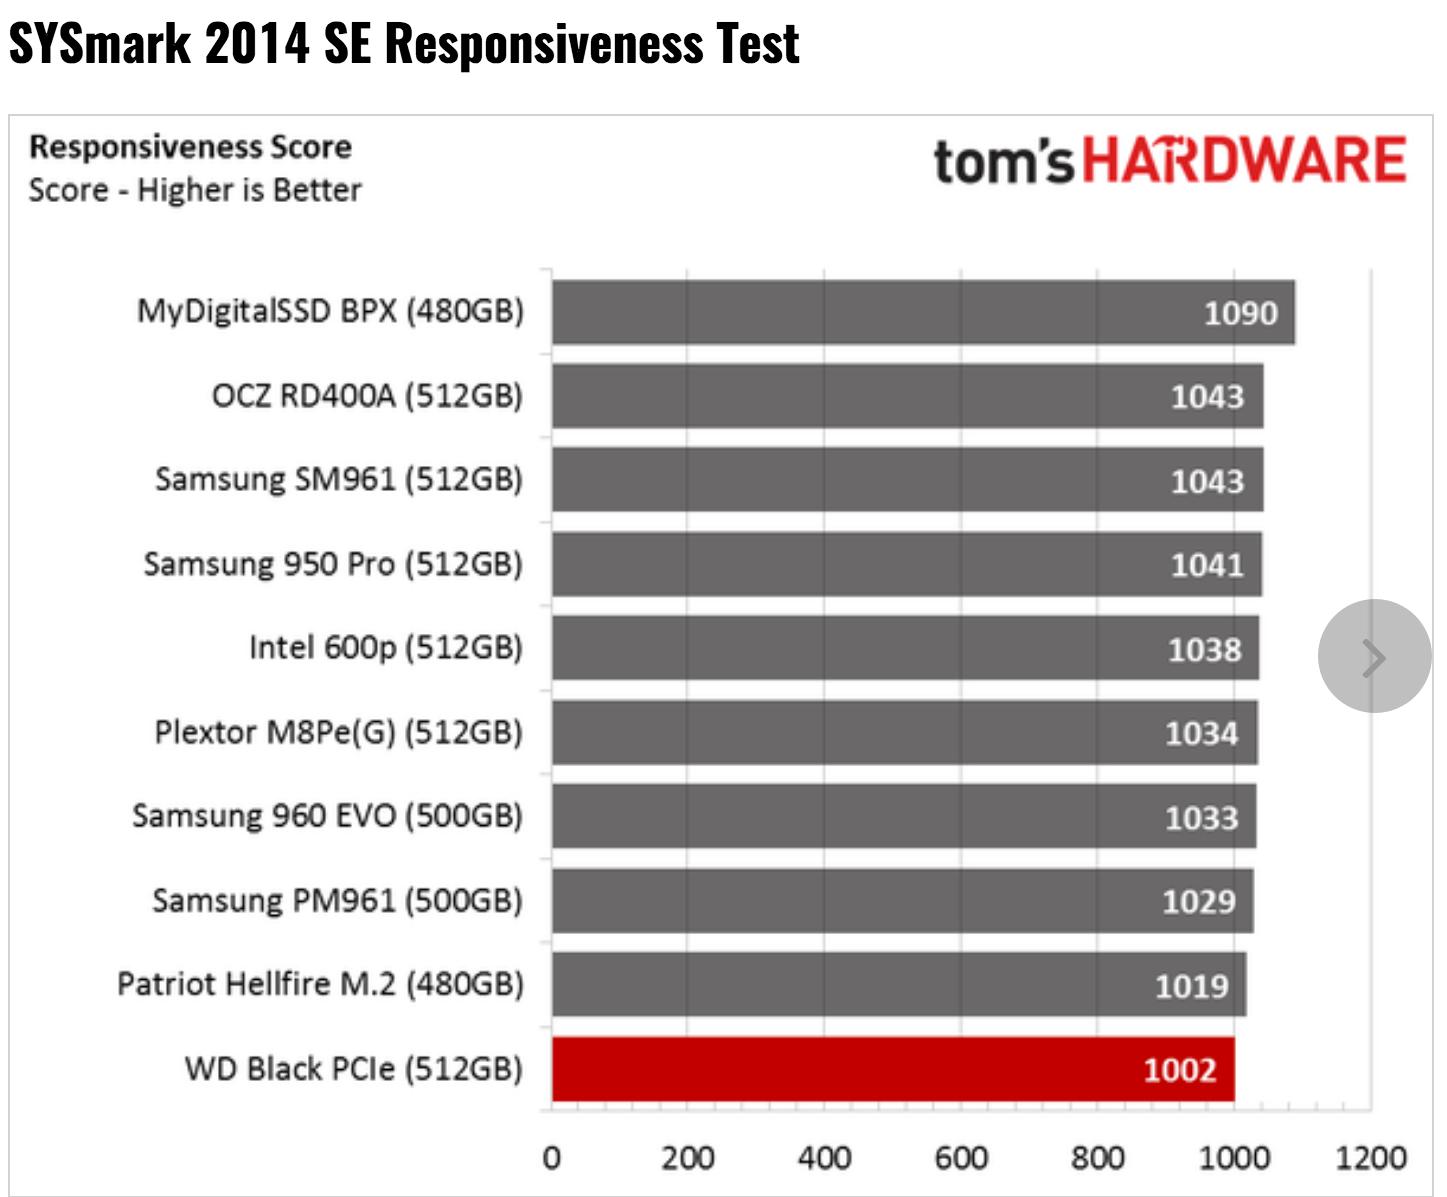 Tom's Hardware – WD Black PCIe 512GB SSD Review using BAPCo's SYSmark 2014 SE Benchmark